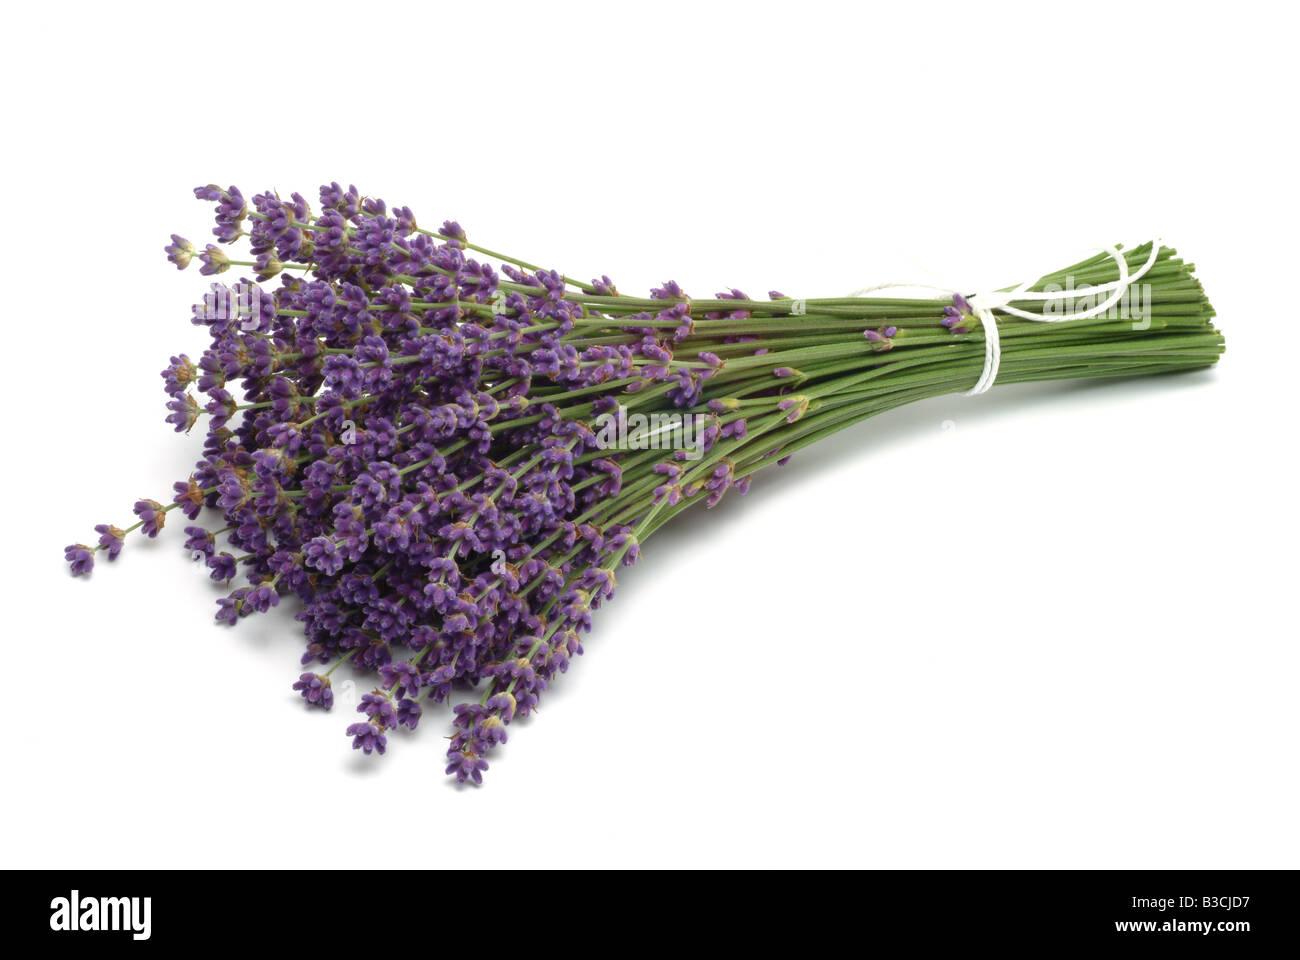 Medicinal plant Lavender Lavandula angustifolia Lavandula officinalis Lavender vulgaris - Stock Image